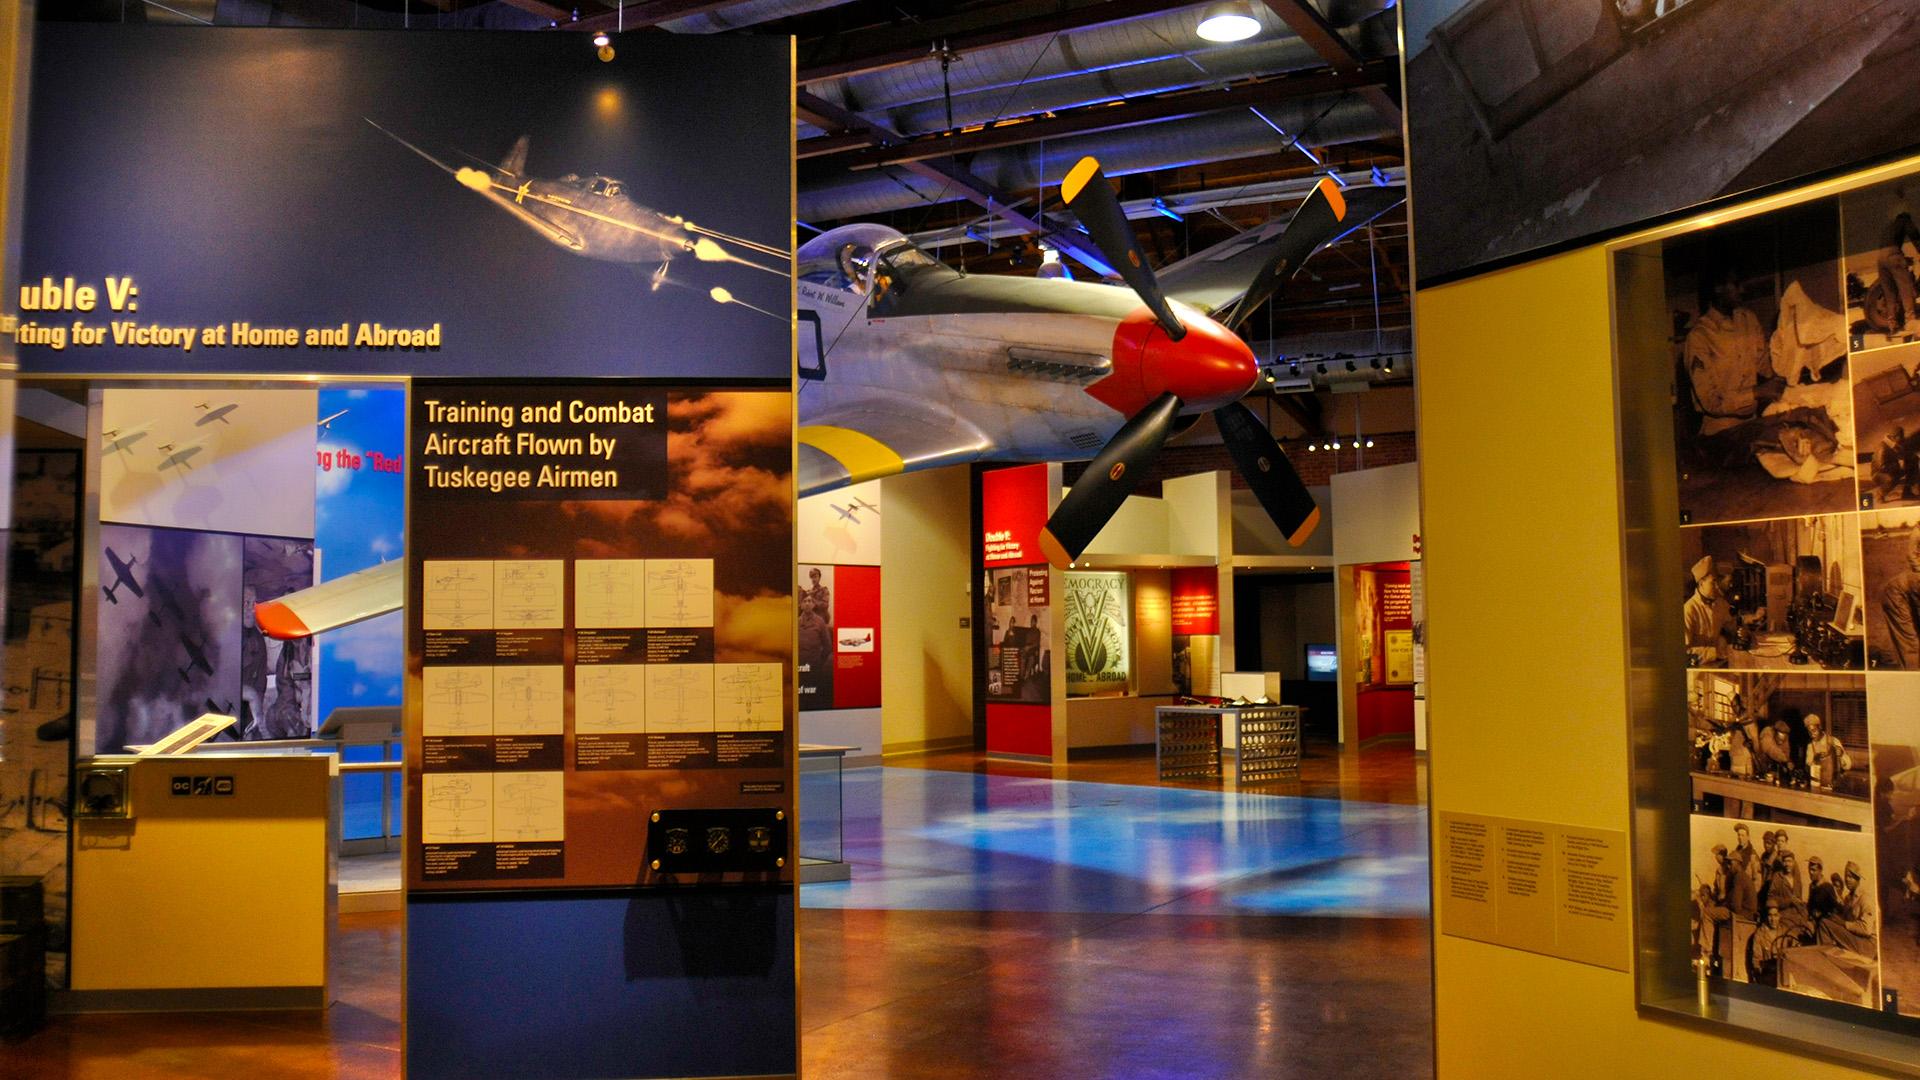 The Hangar 2 Museum